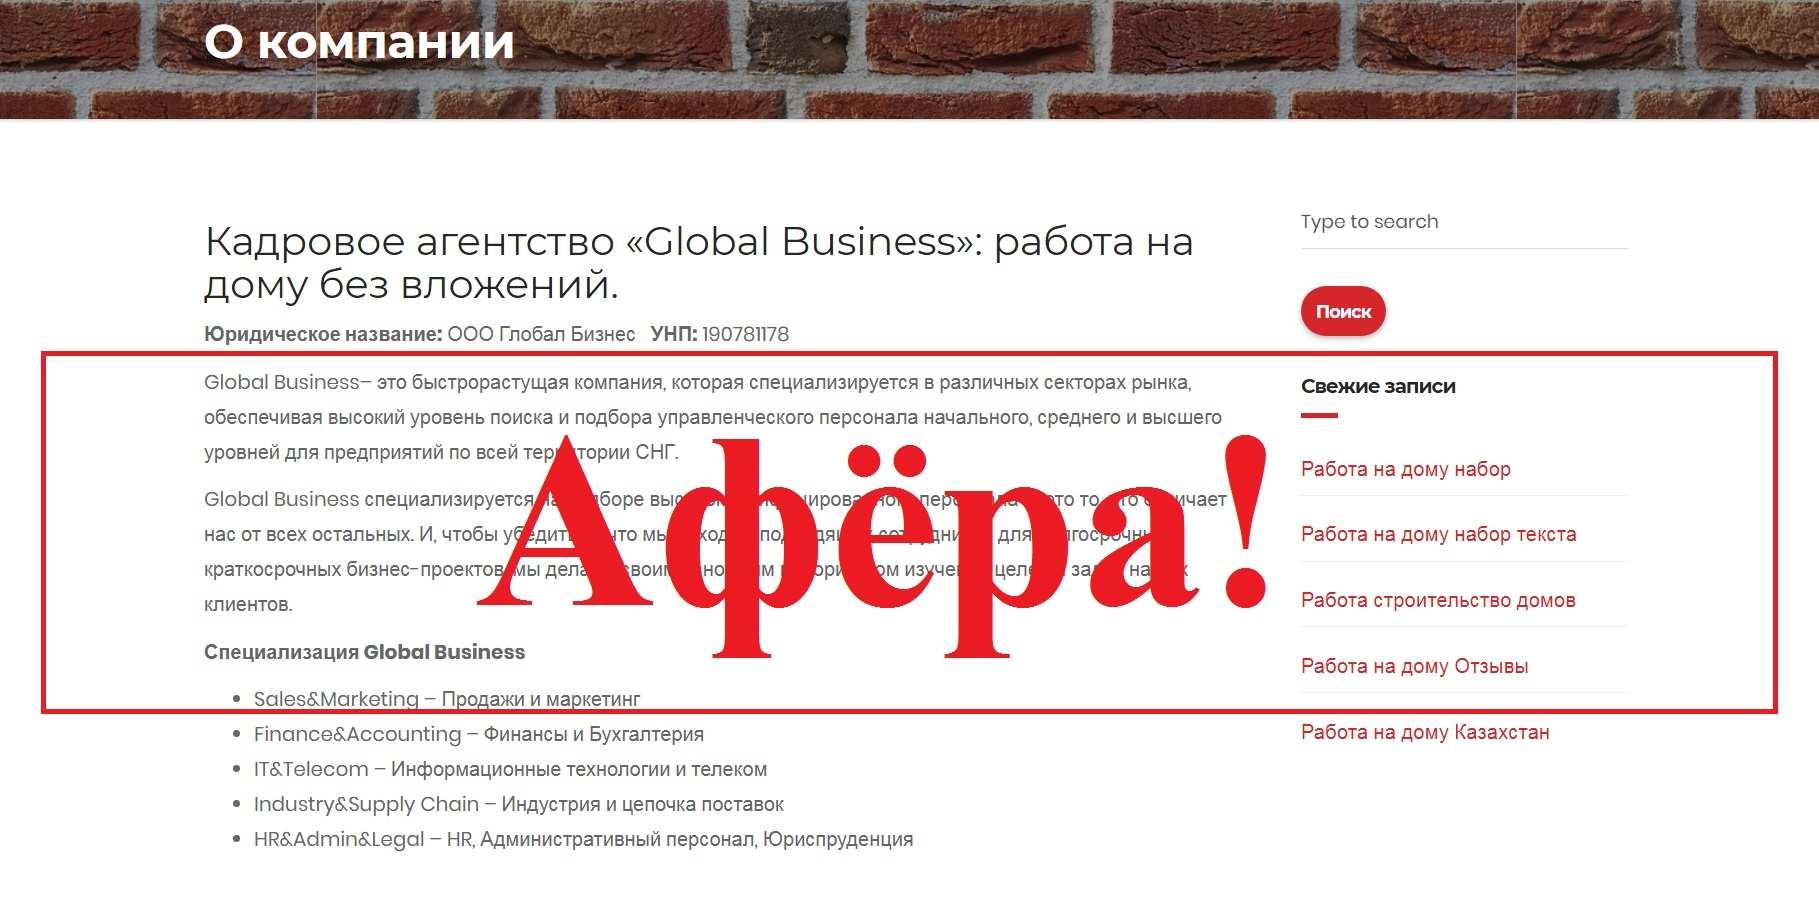 Global Business – отзывы. Обман или нет?